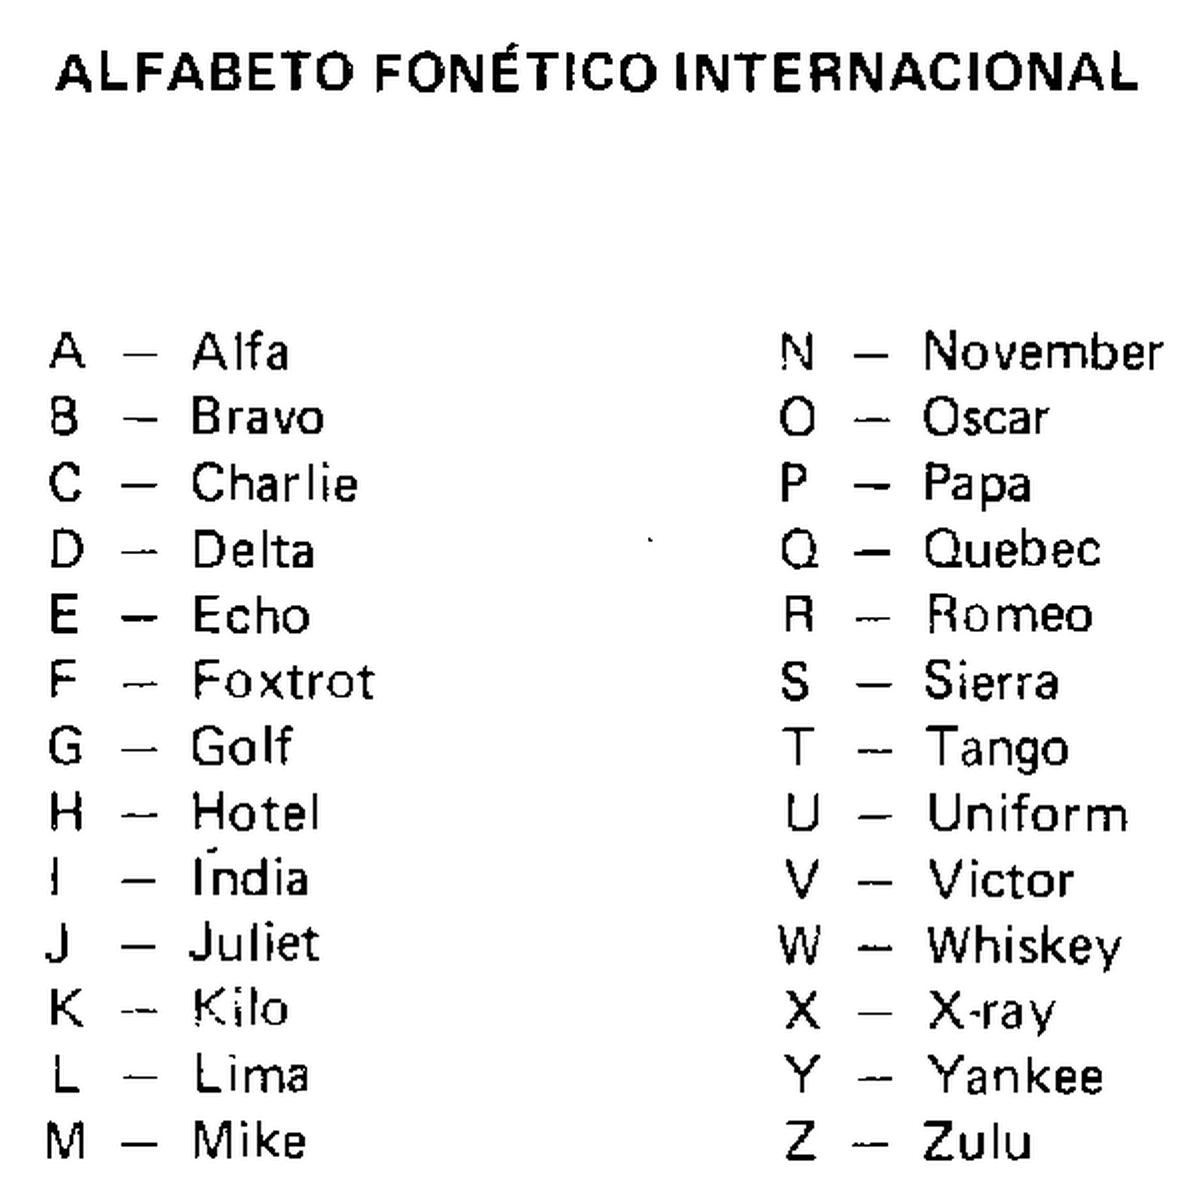 Eletronica Geral Alfabeto Fonetico Internacional